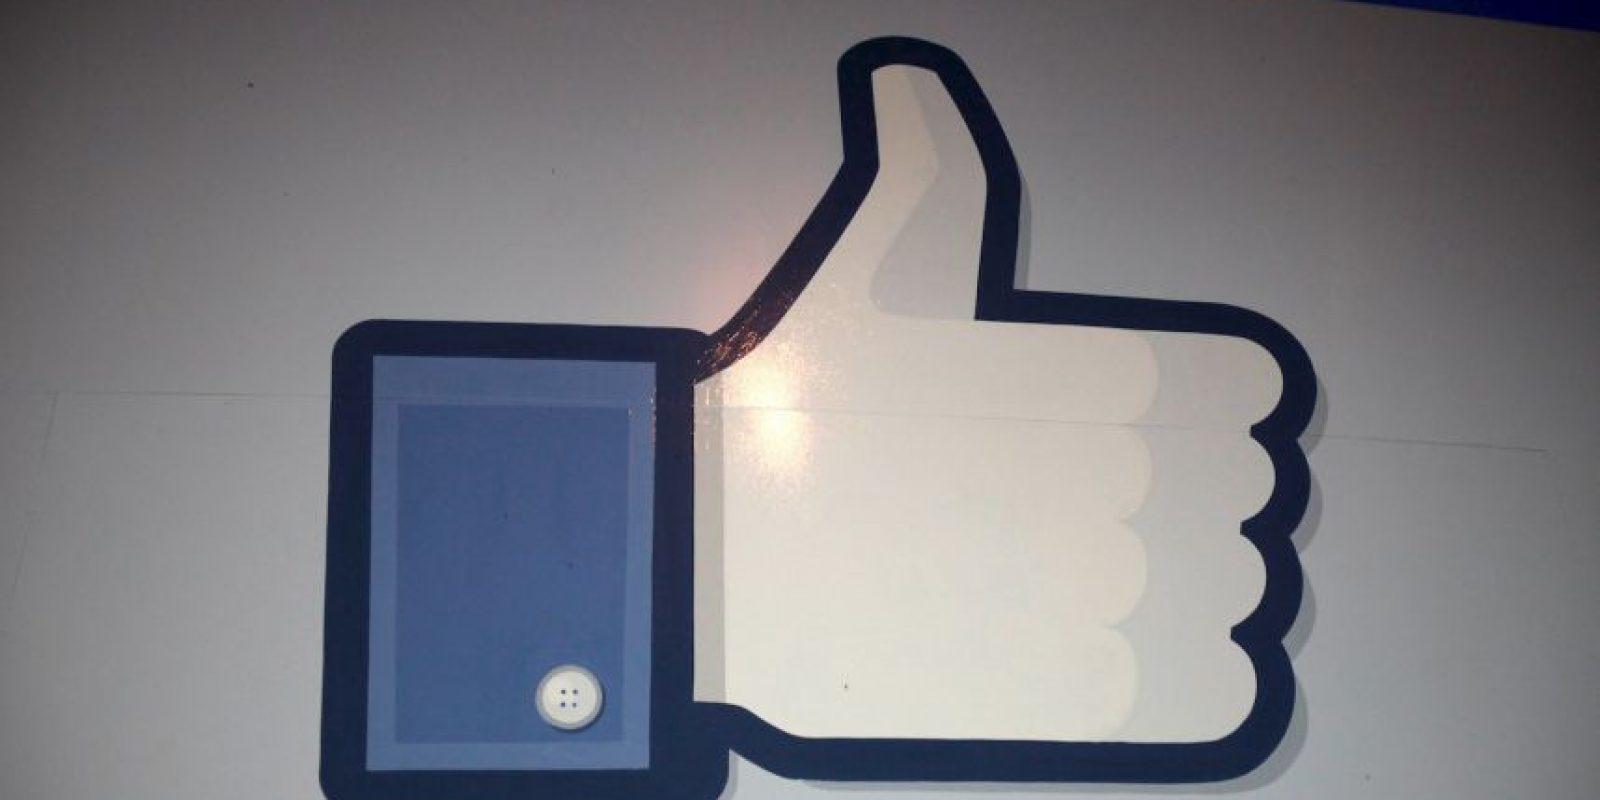 Al parecer Facebook promete muchas y nuevas mejoras para su funcionalidad. Foto:Getty